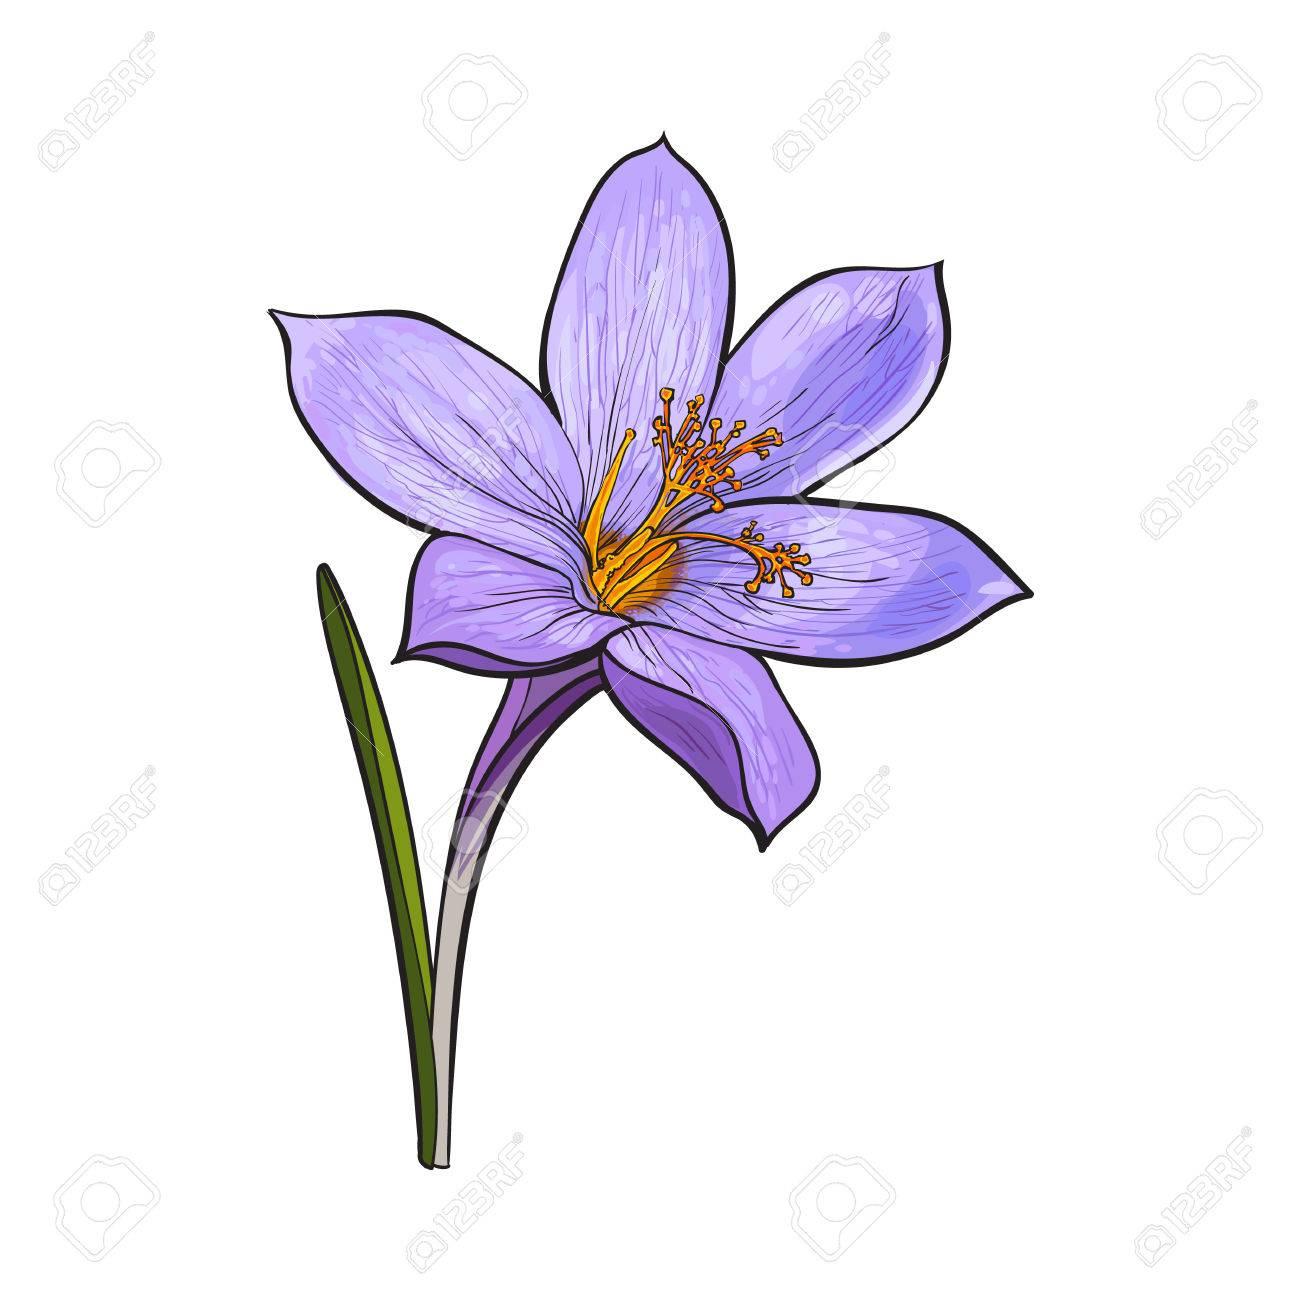 Facile Fleur De Printemps A Base De Crocus Avec Tige Et Feuille Illustration Vectorielle De Style Croquis Isole Sur Fond Blanc Dessin A La Main